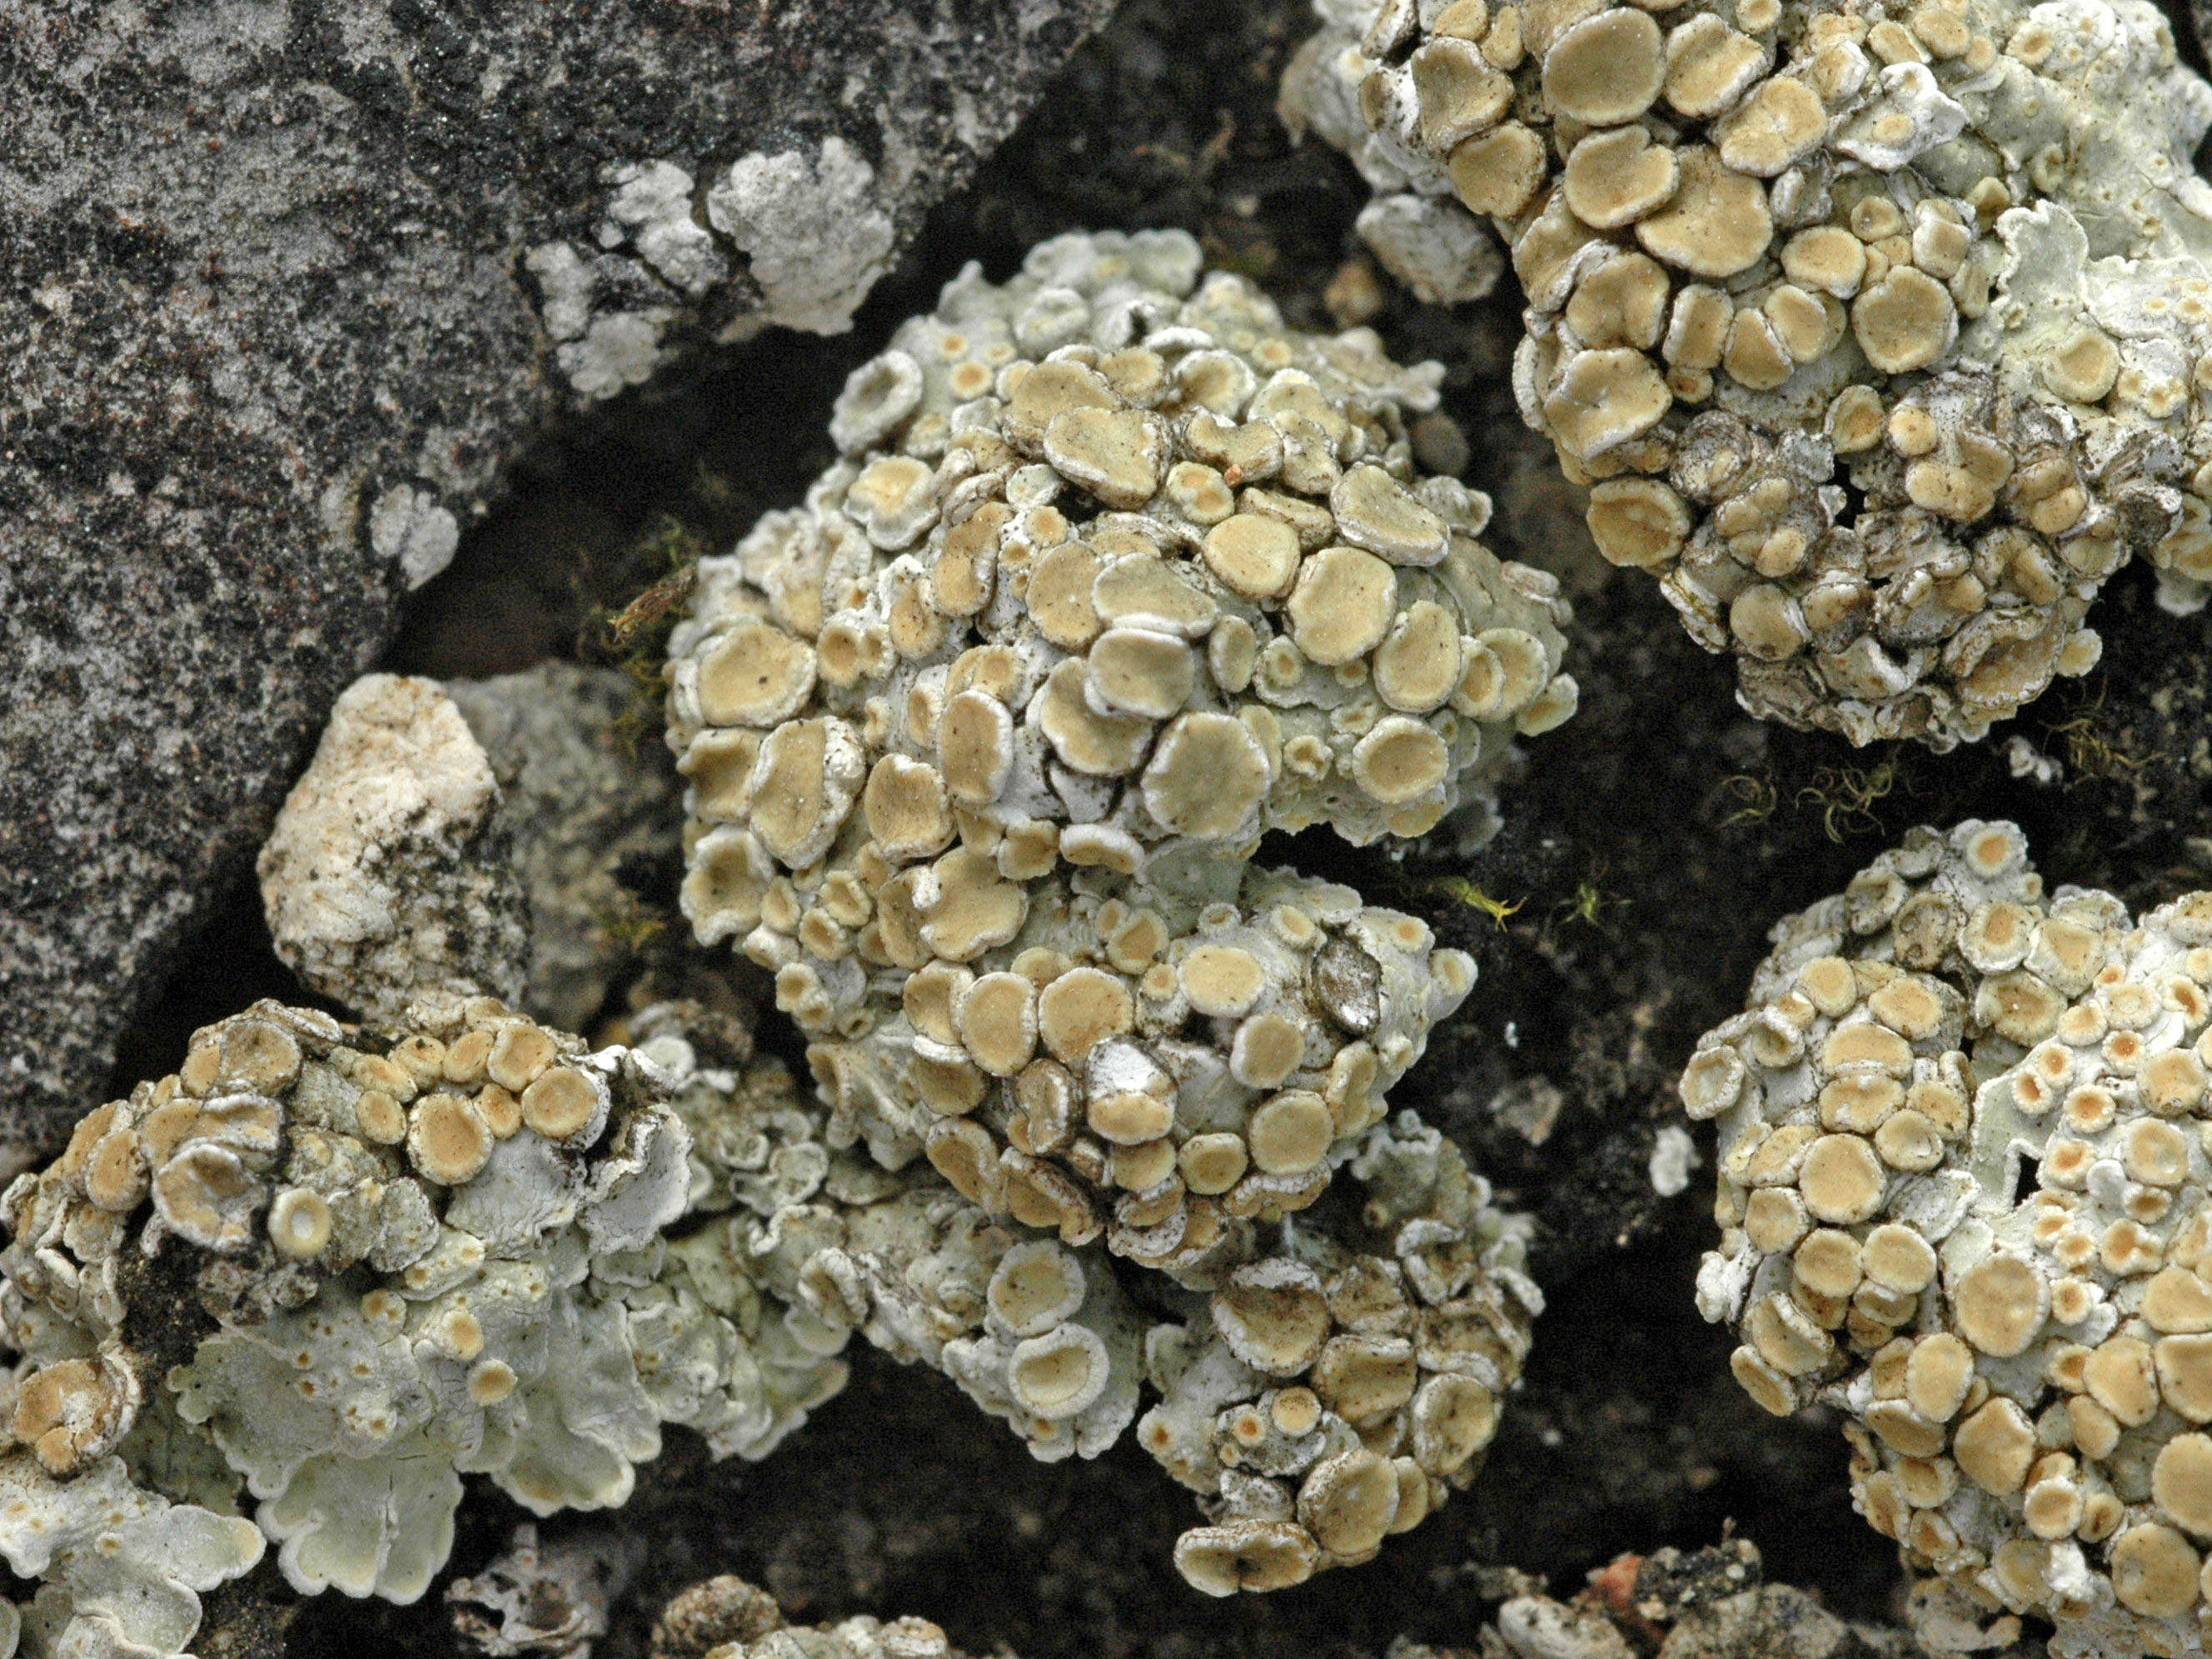 Squamarina lentigera